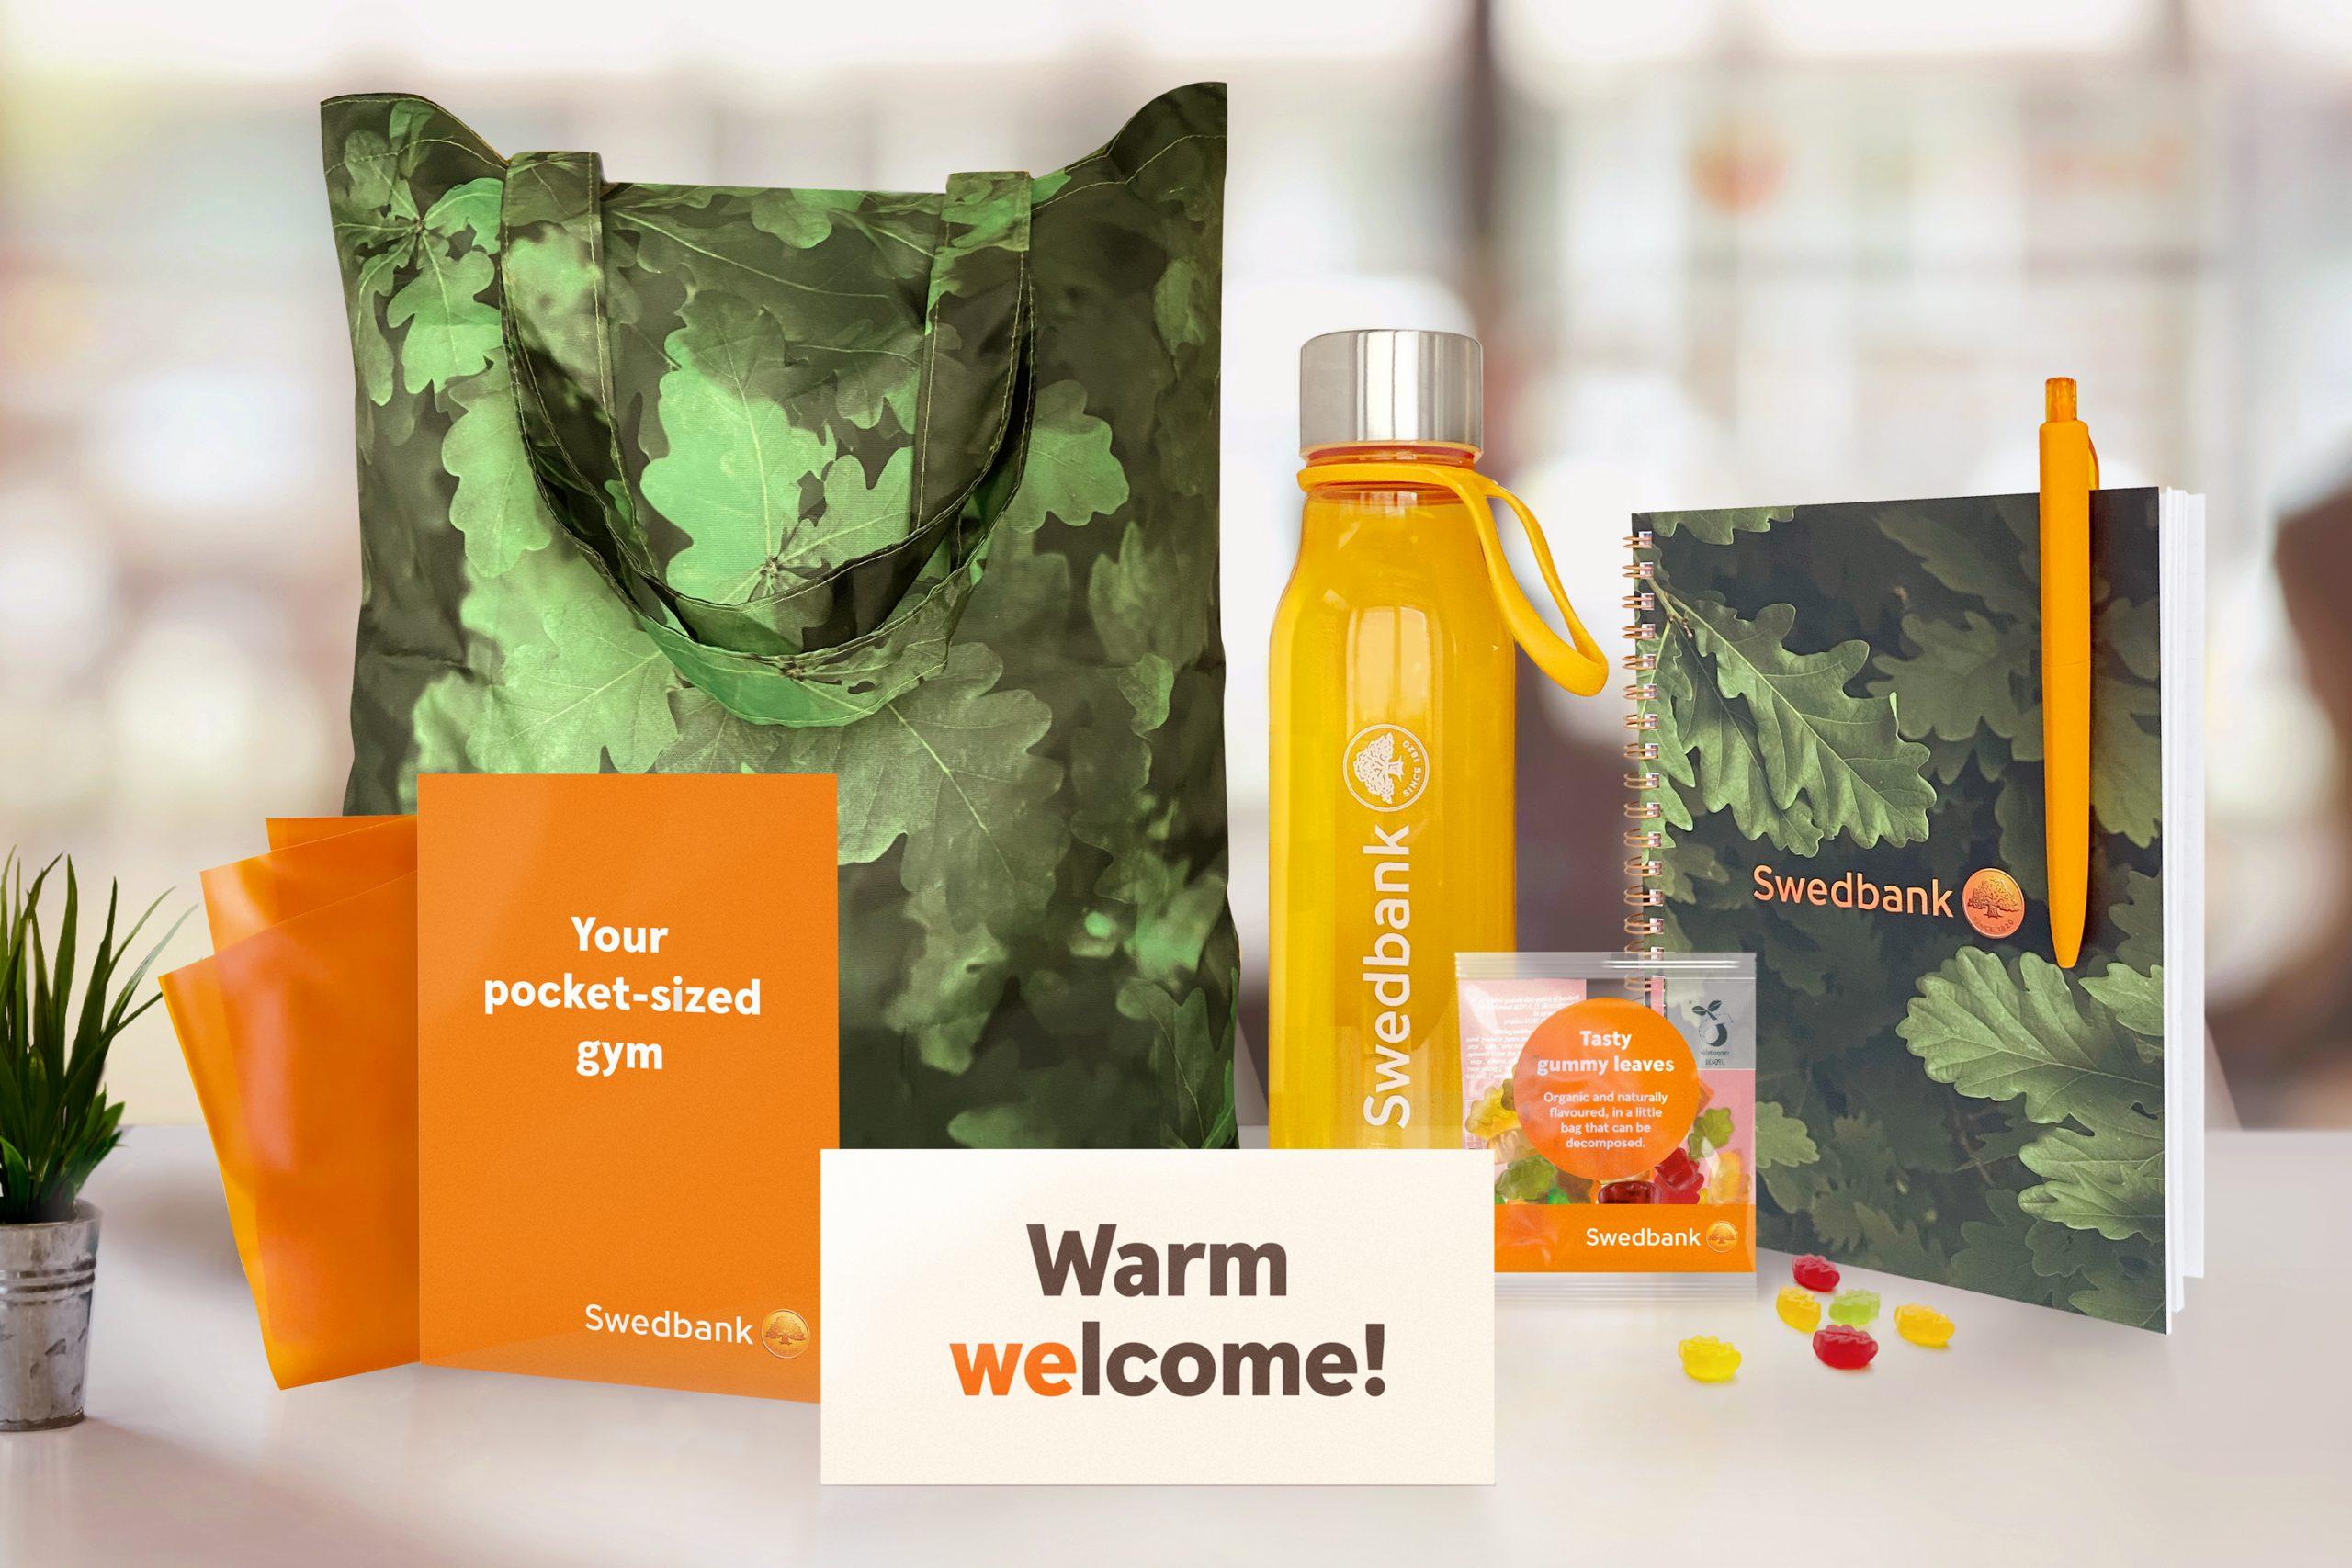 Swedbank welcome kit